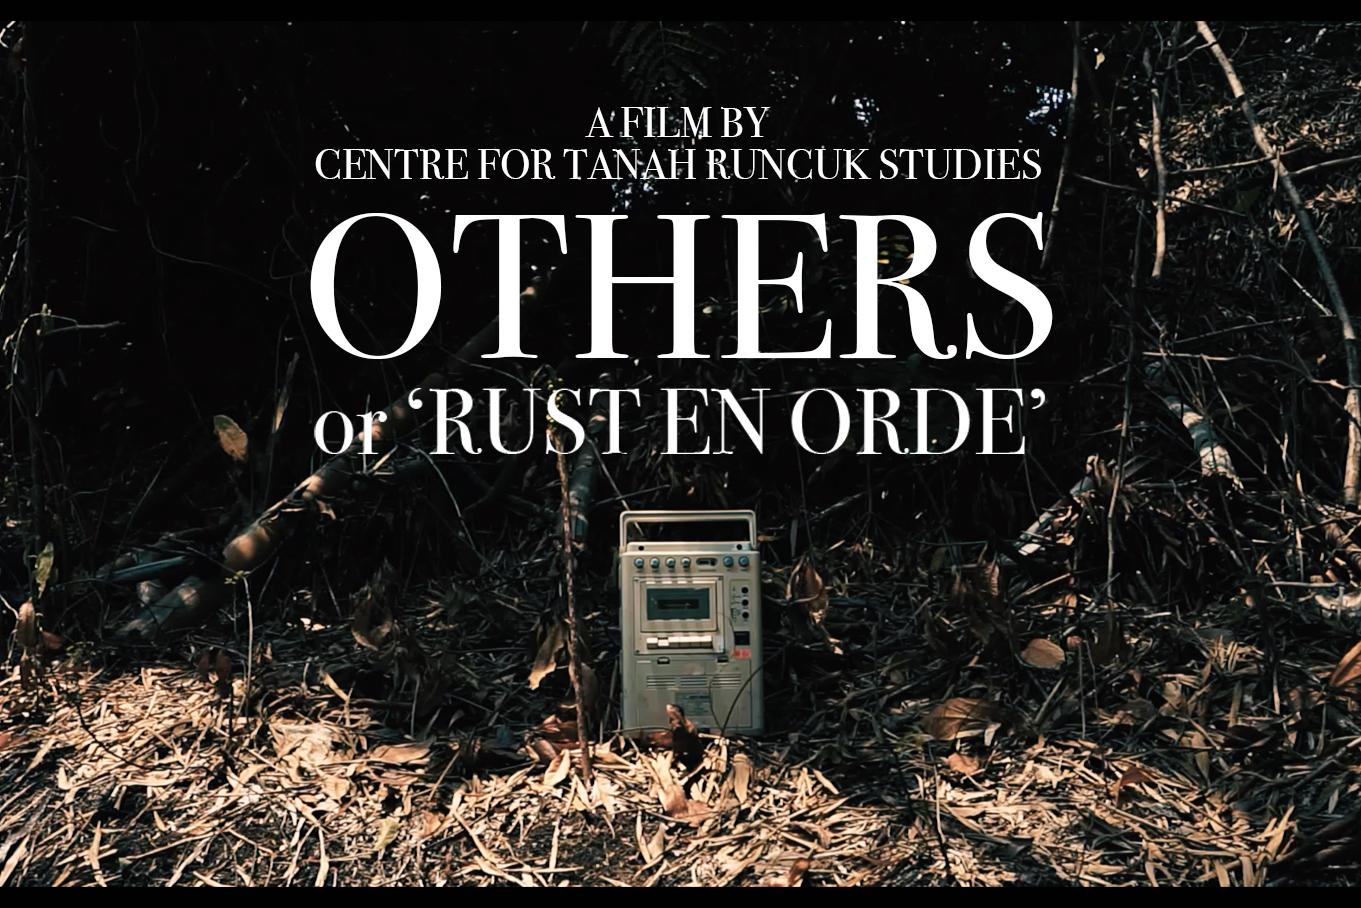 rustenorde-01-copy